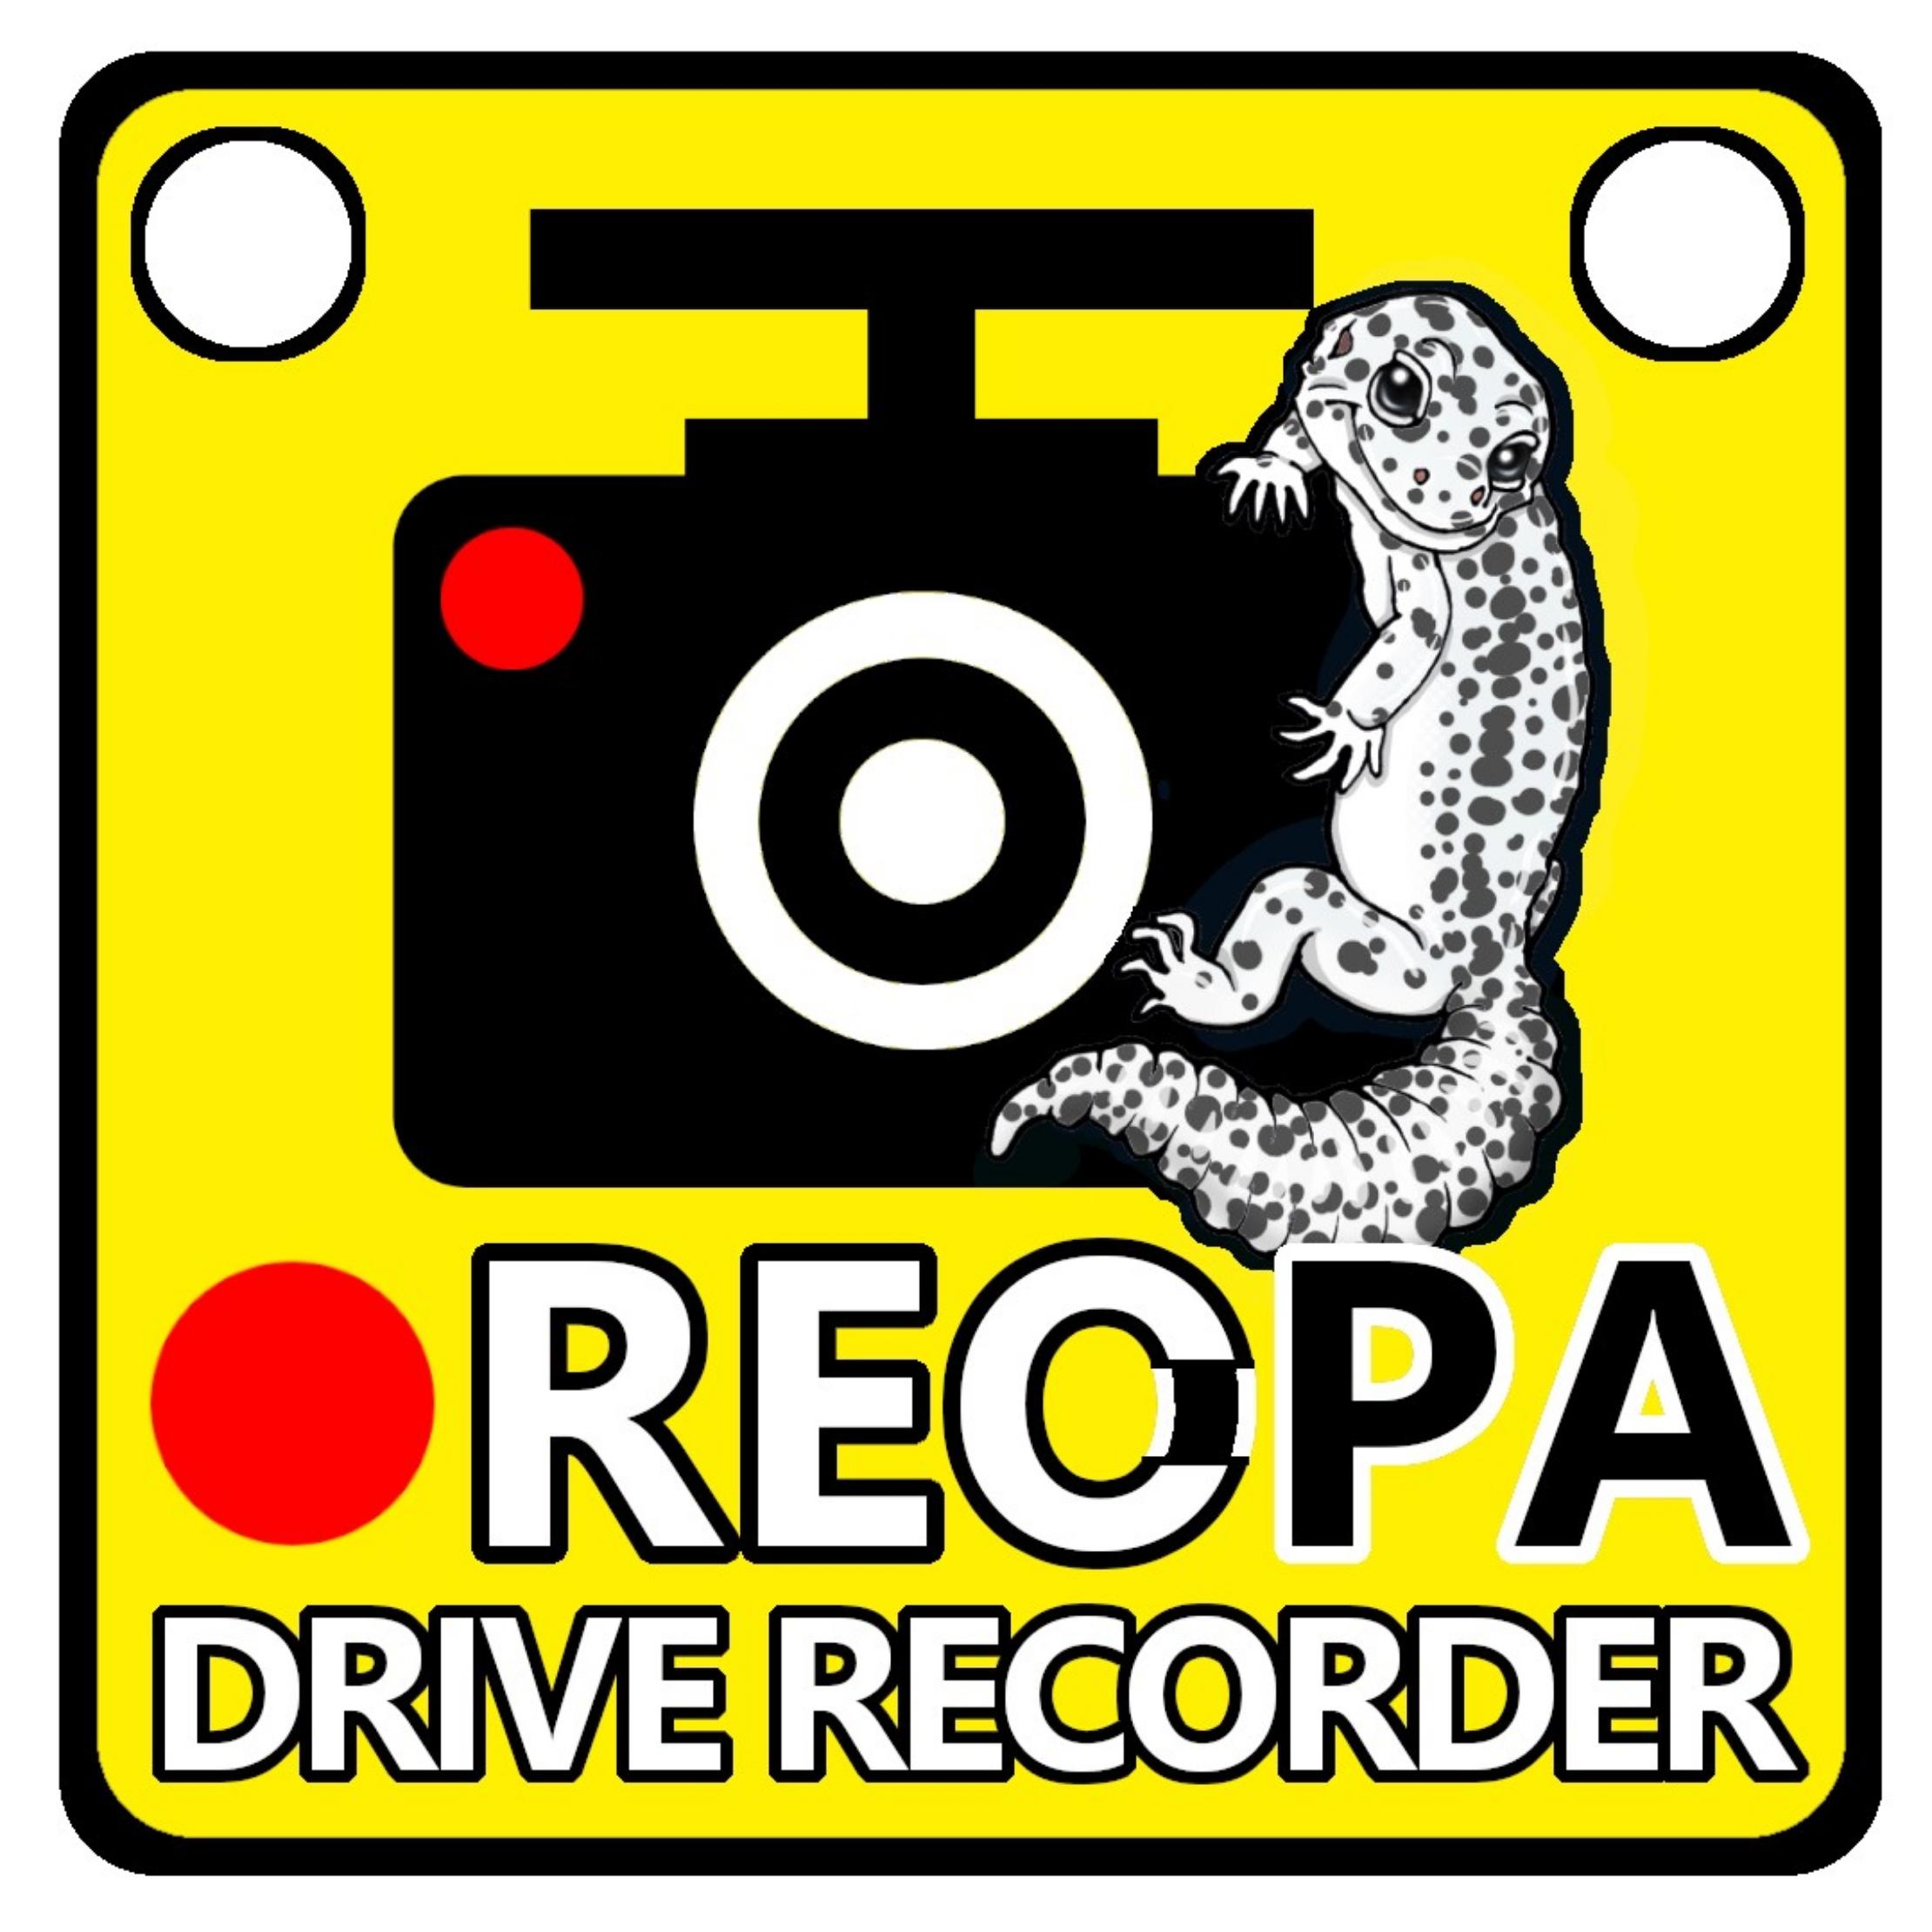 ドライブレコーダー&レオパ 爬虫類車用ステッカー